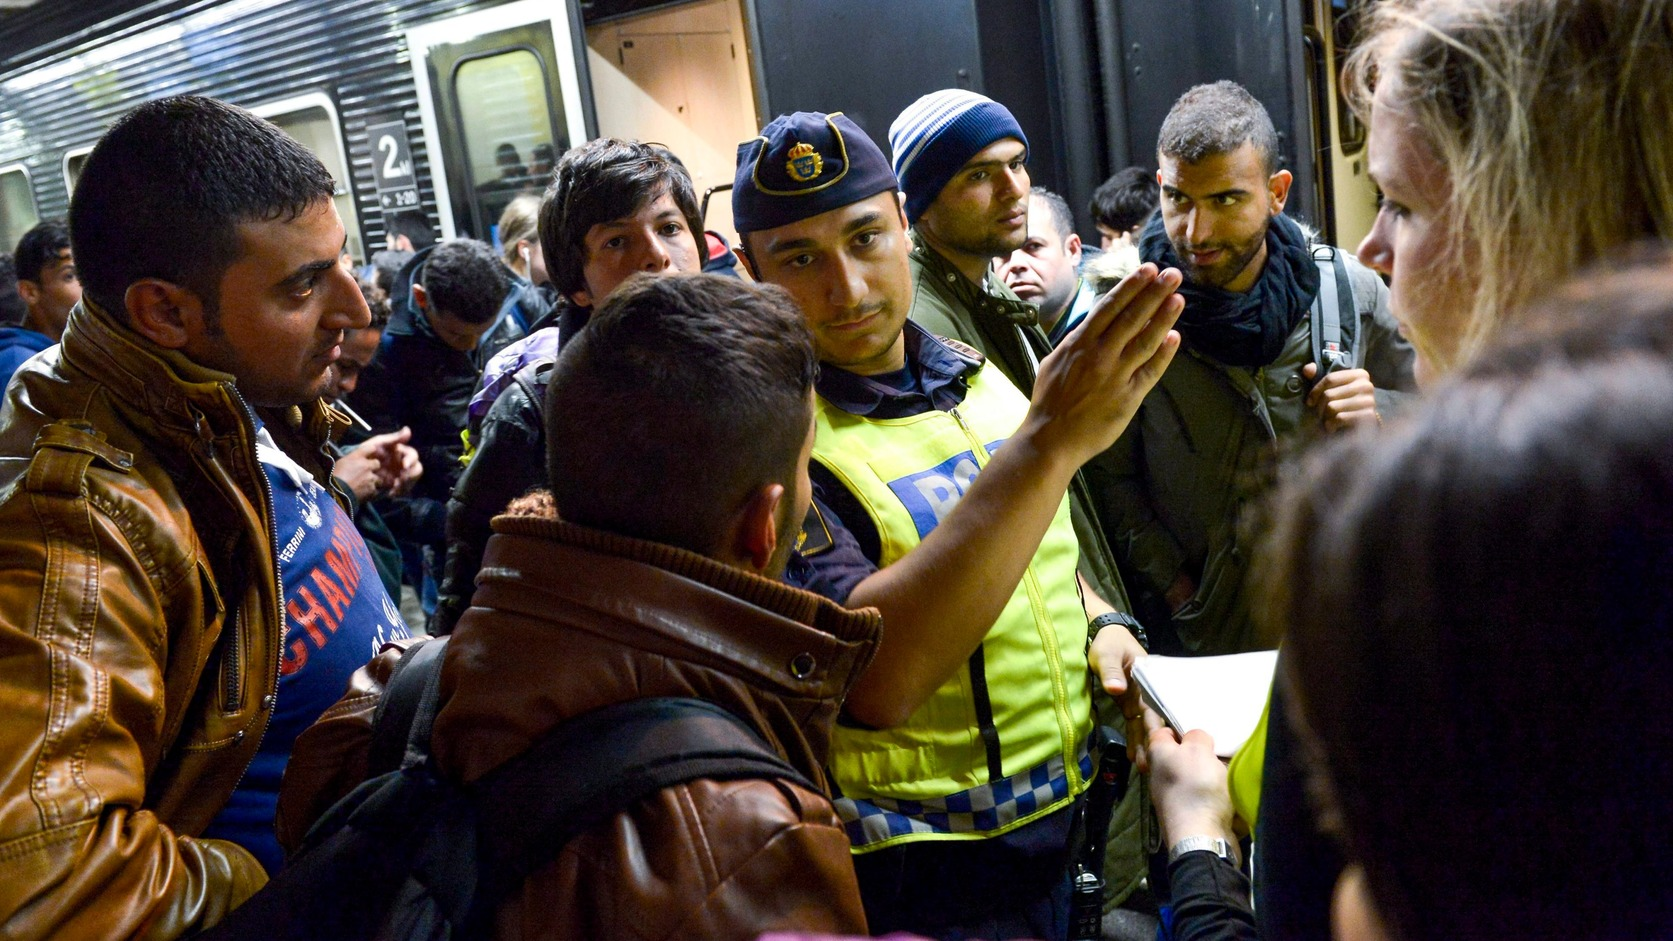 Egyre többen döntenek a költözés mellett a migránsok miatt